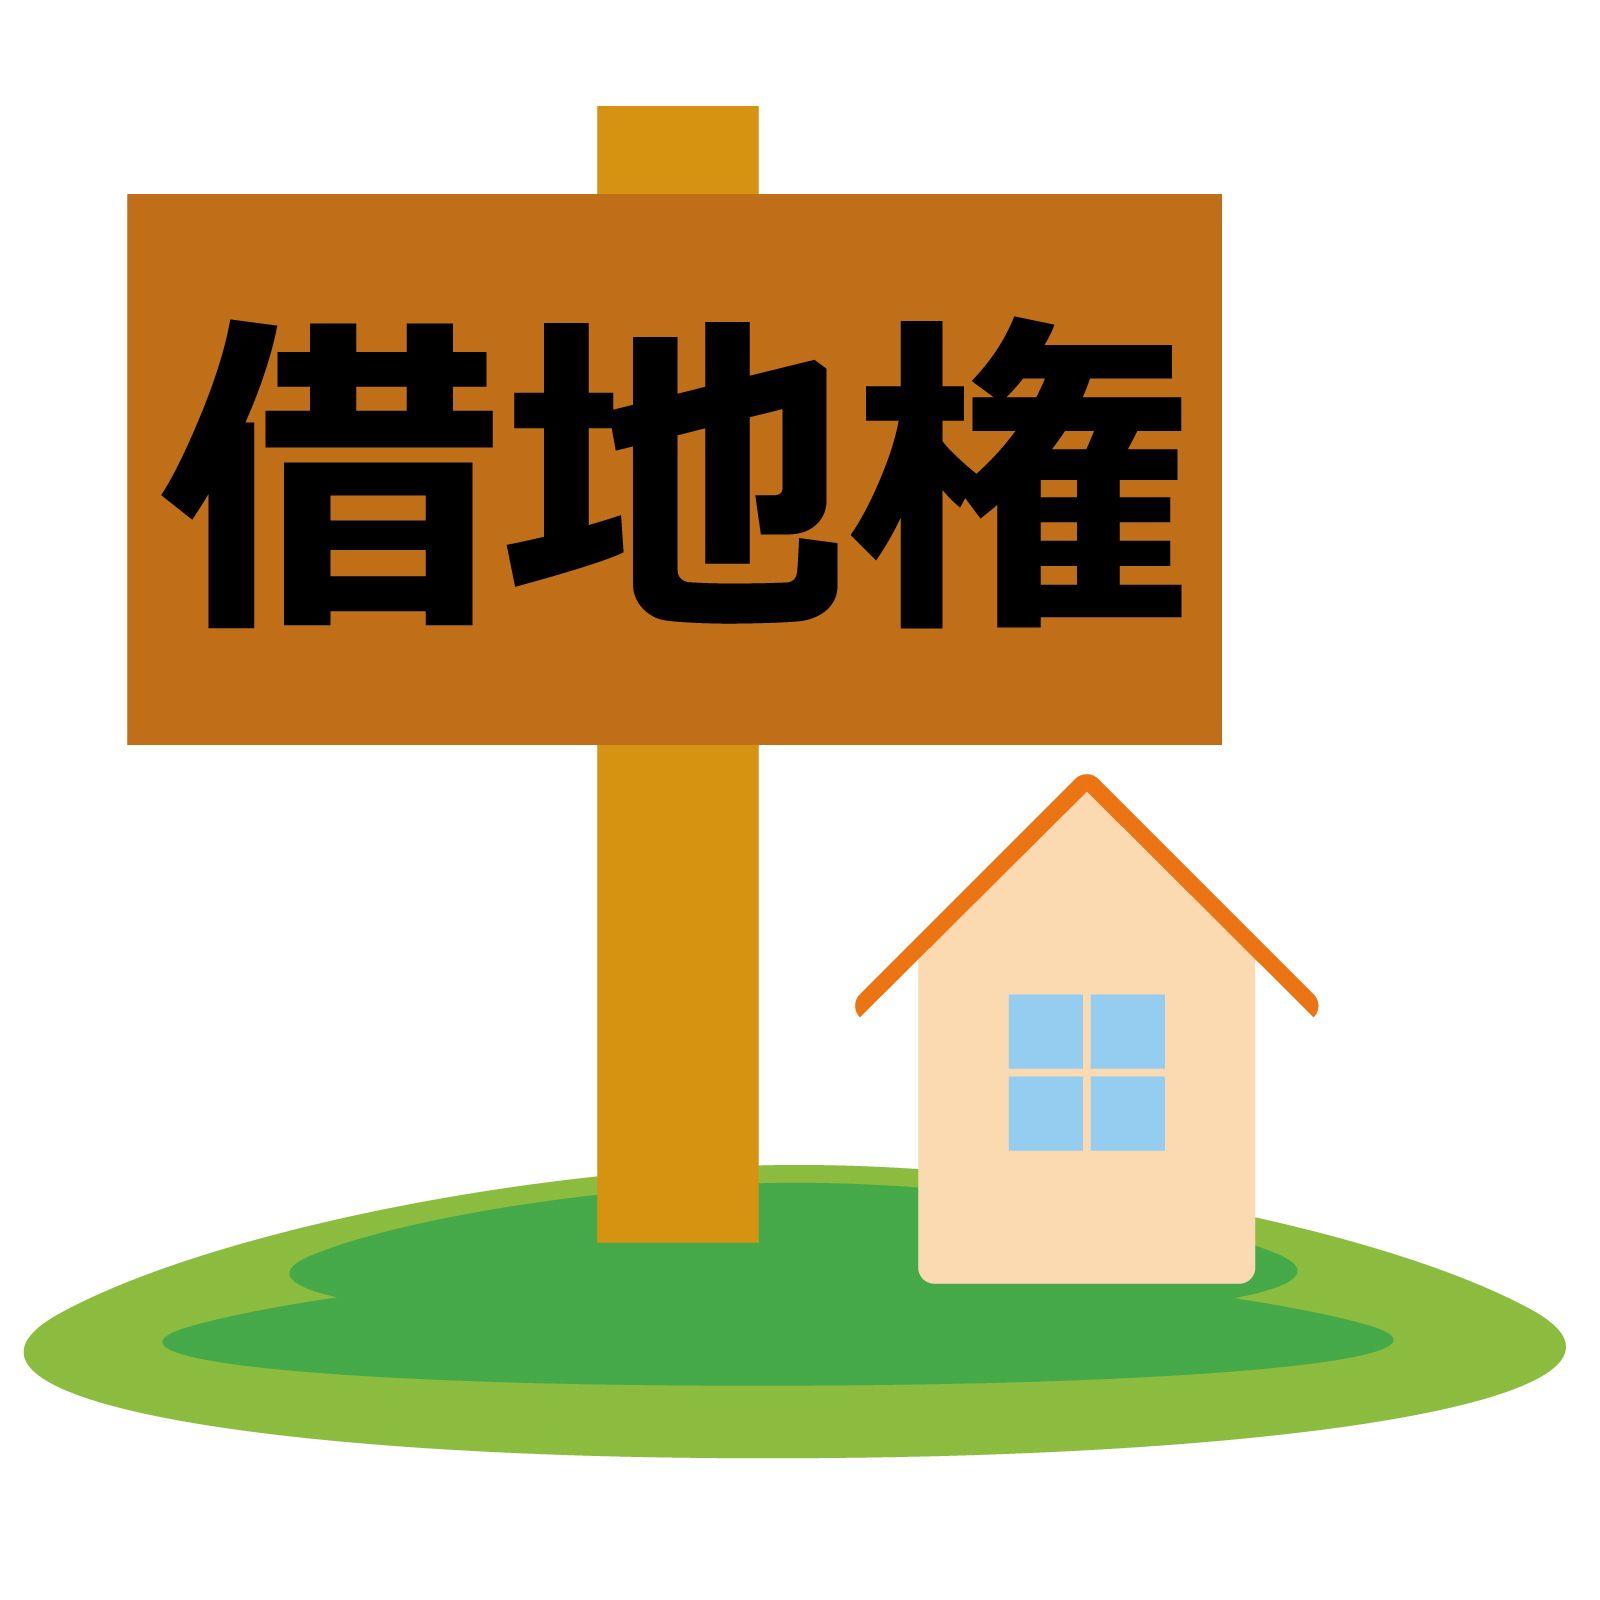 中高年の借地権者さんや借地の相続人、借地の後継者さんに5分で無理なく理解できる簡借地の権利内容と成功する売却方法を現場実務を実際行っている私がお話しします。